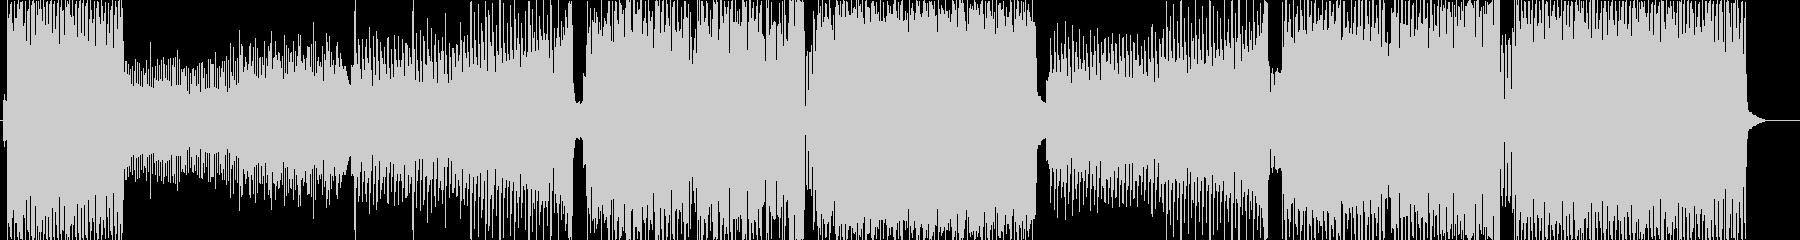 激しく速いEDMの未再生の波形